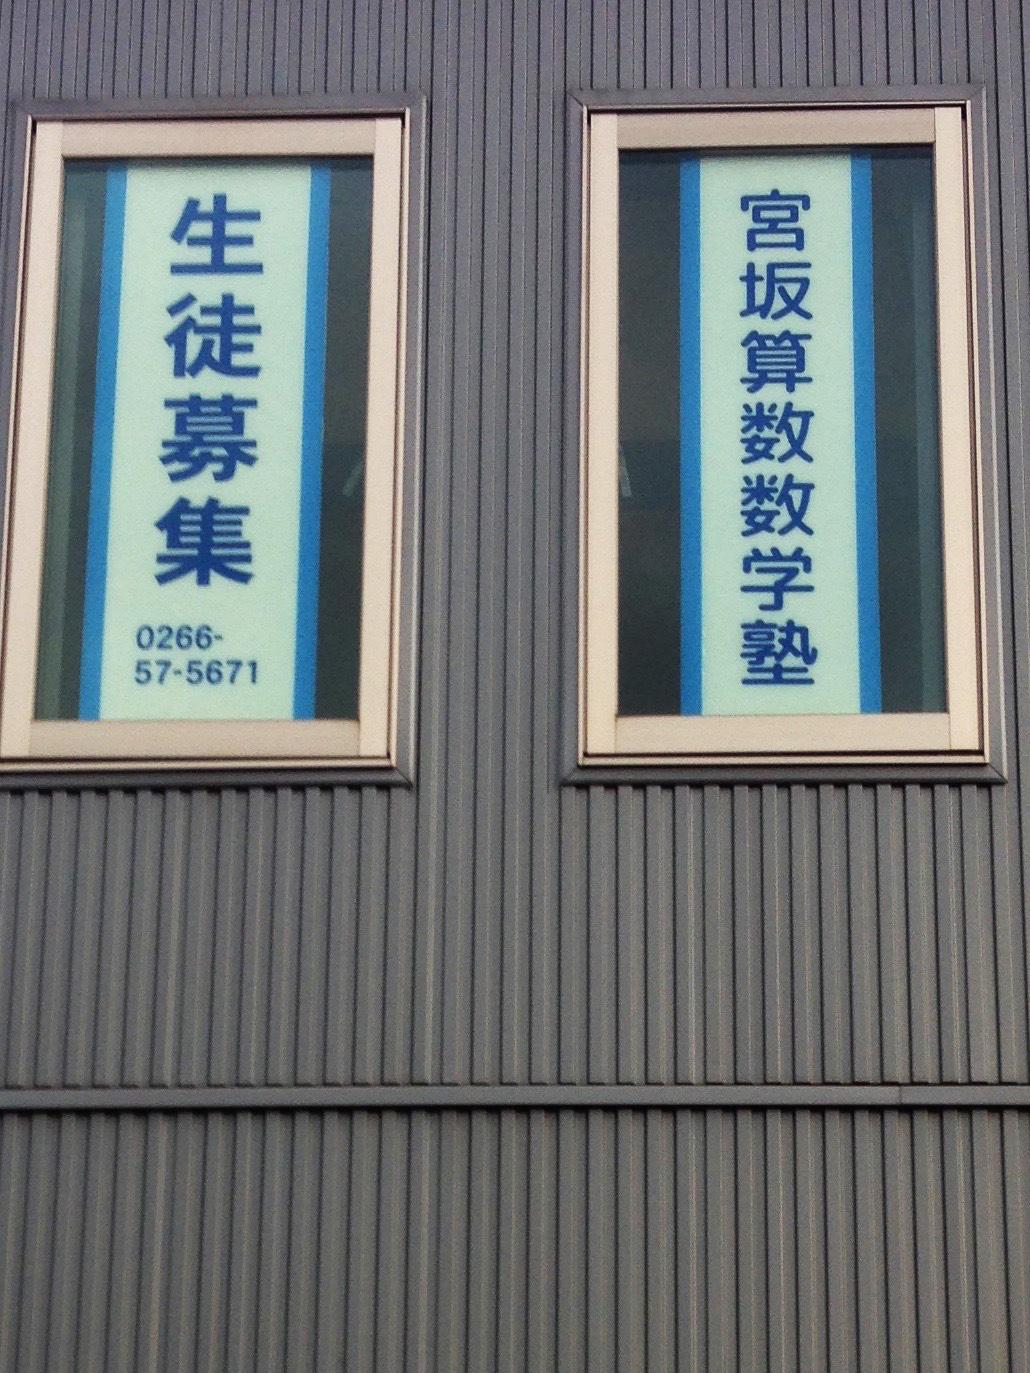 「宮坂算数数学塾」様窓ガラスシートできました。